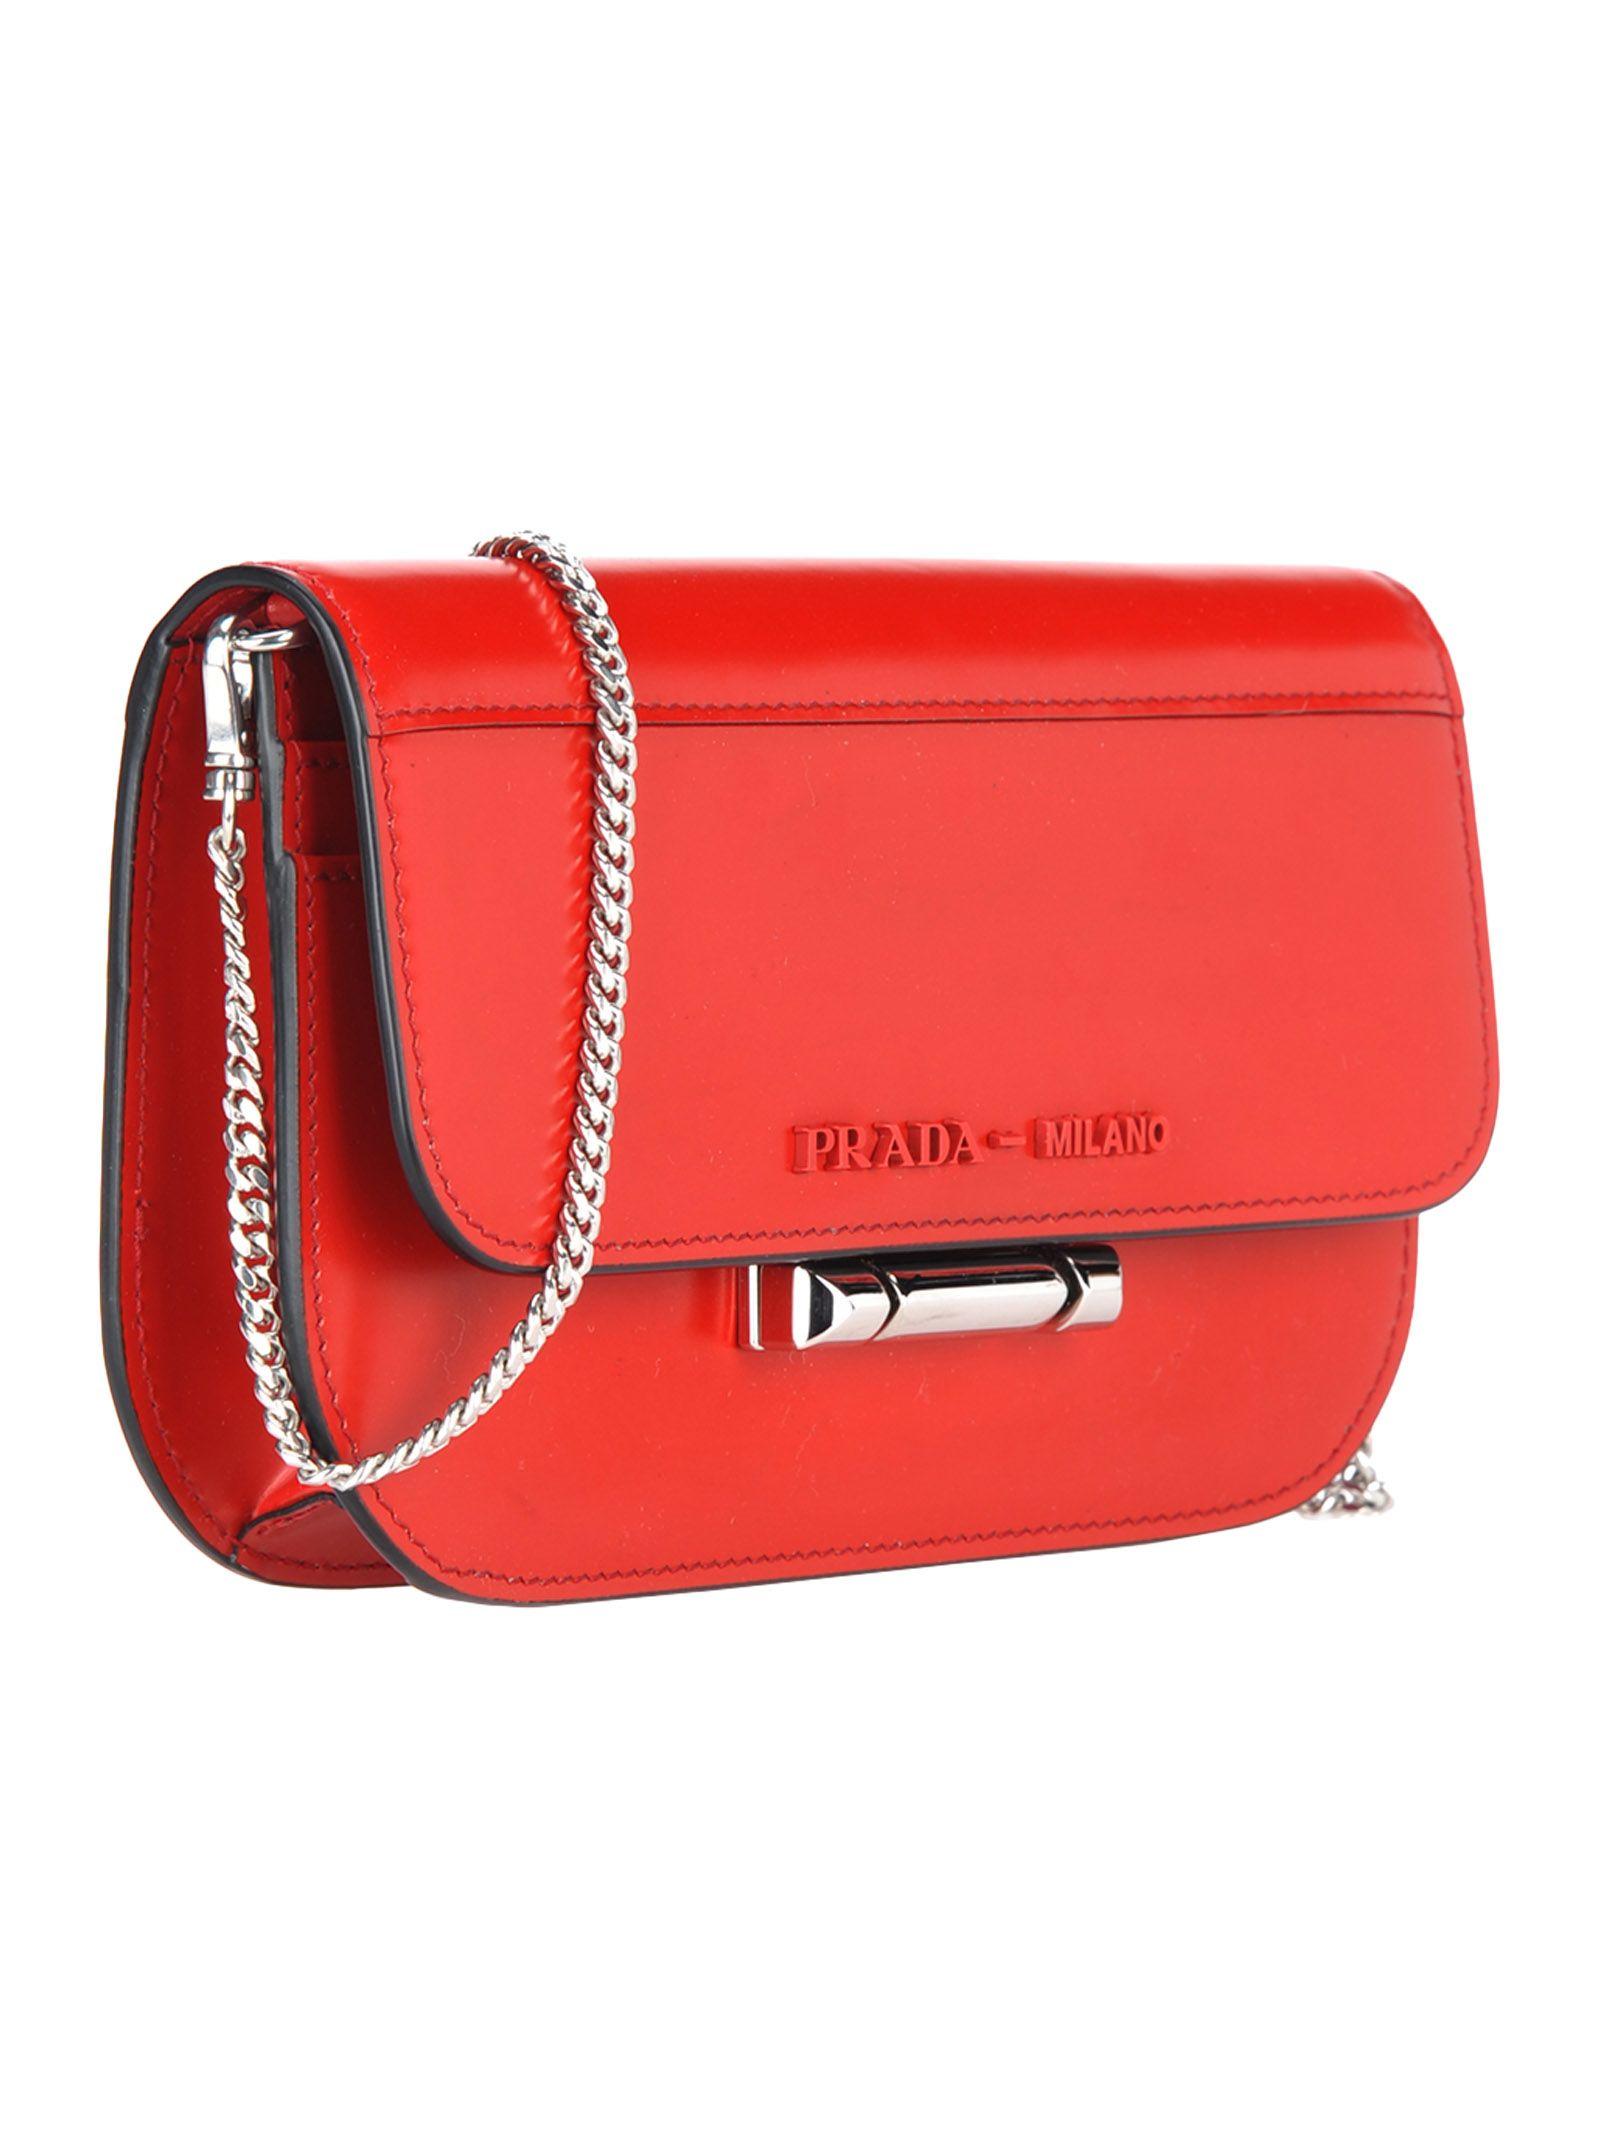 3ccdd18c69 Prada Mini Bag - Red Prada Mini Bag - Red ...